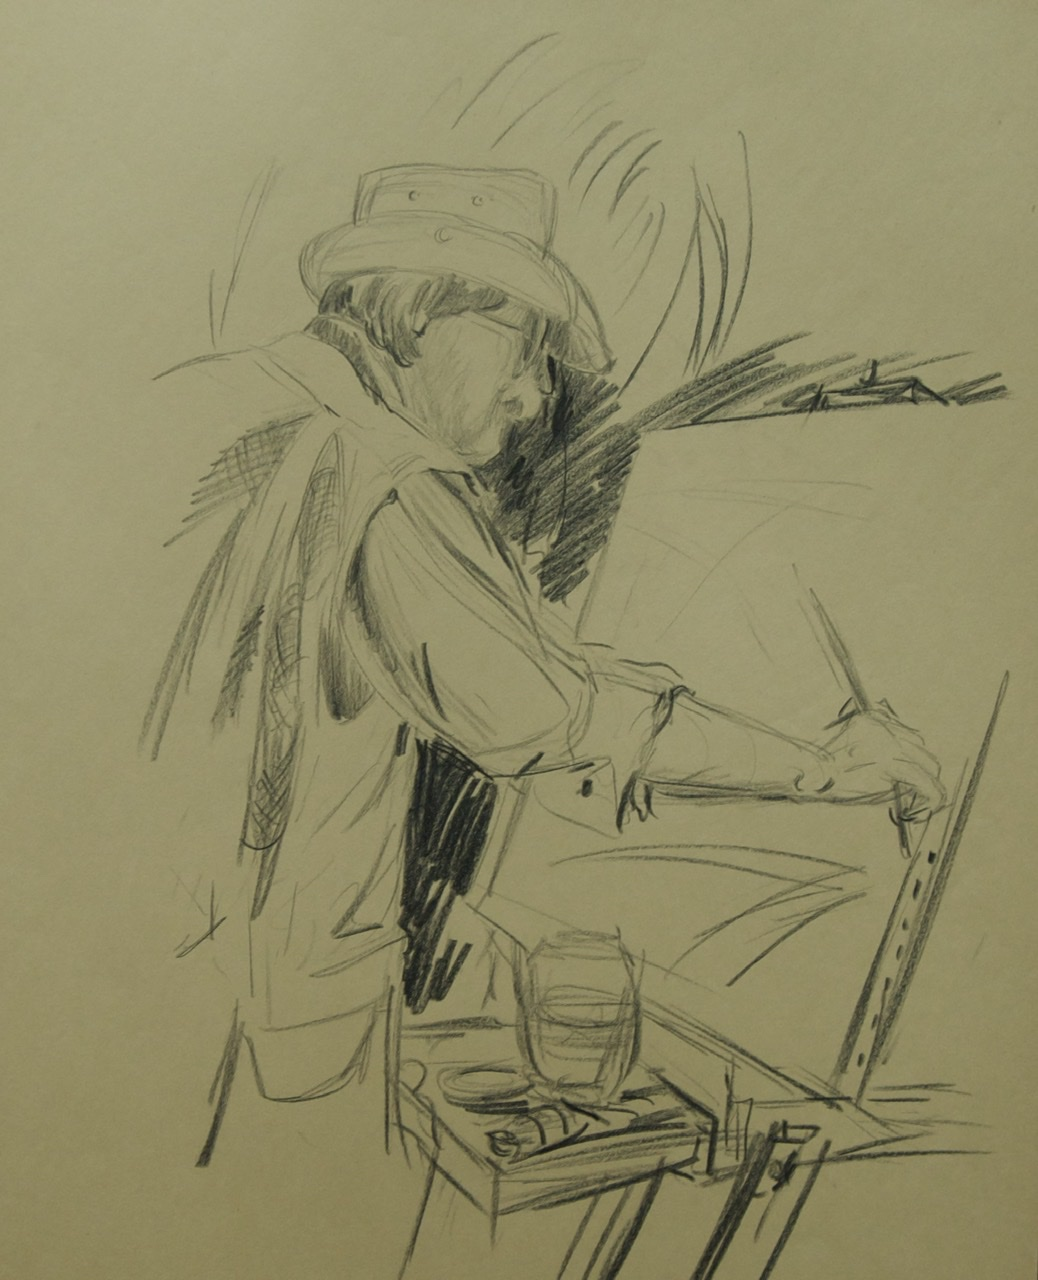 """<span style=""""color: #ff0000;""""><a style=""""color: #ff0000;"""" href=""""mailto:mussely@sympatico.ca?subject=Défi 15 dessins 15 semaines -  Autoportrait"""">Contacter l'artiste</a></span> Marcel Mussely -  Autoportrait - collection personnelle - graphite sur papier"""